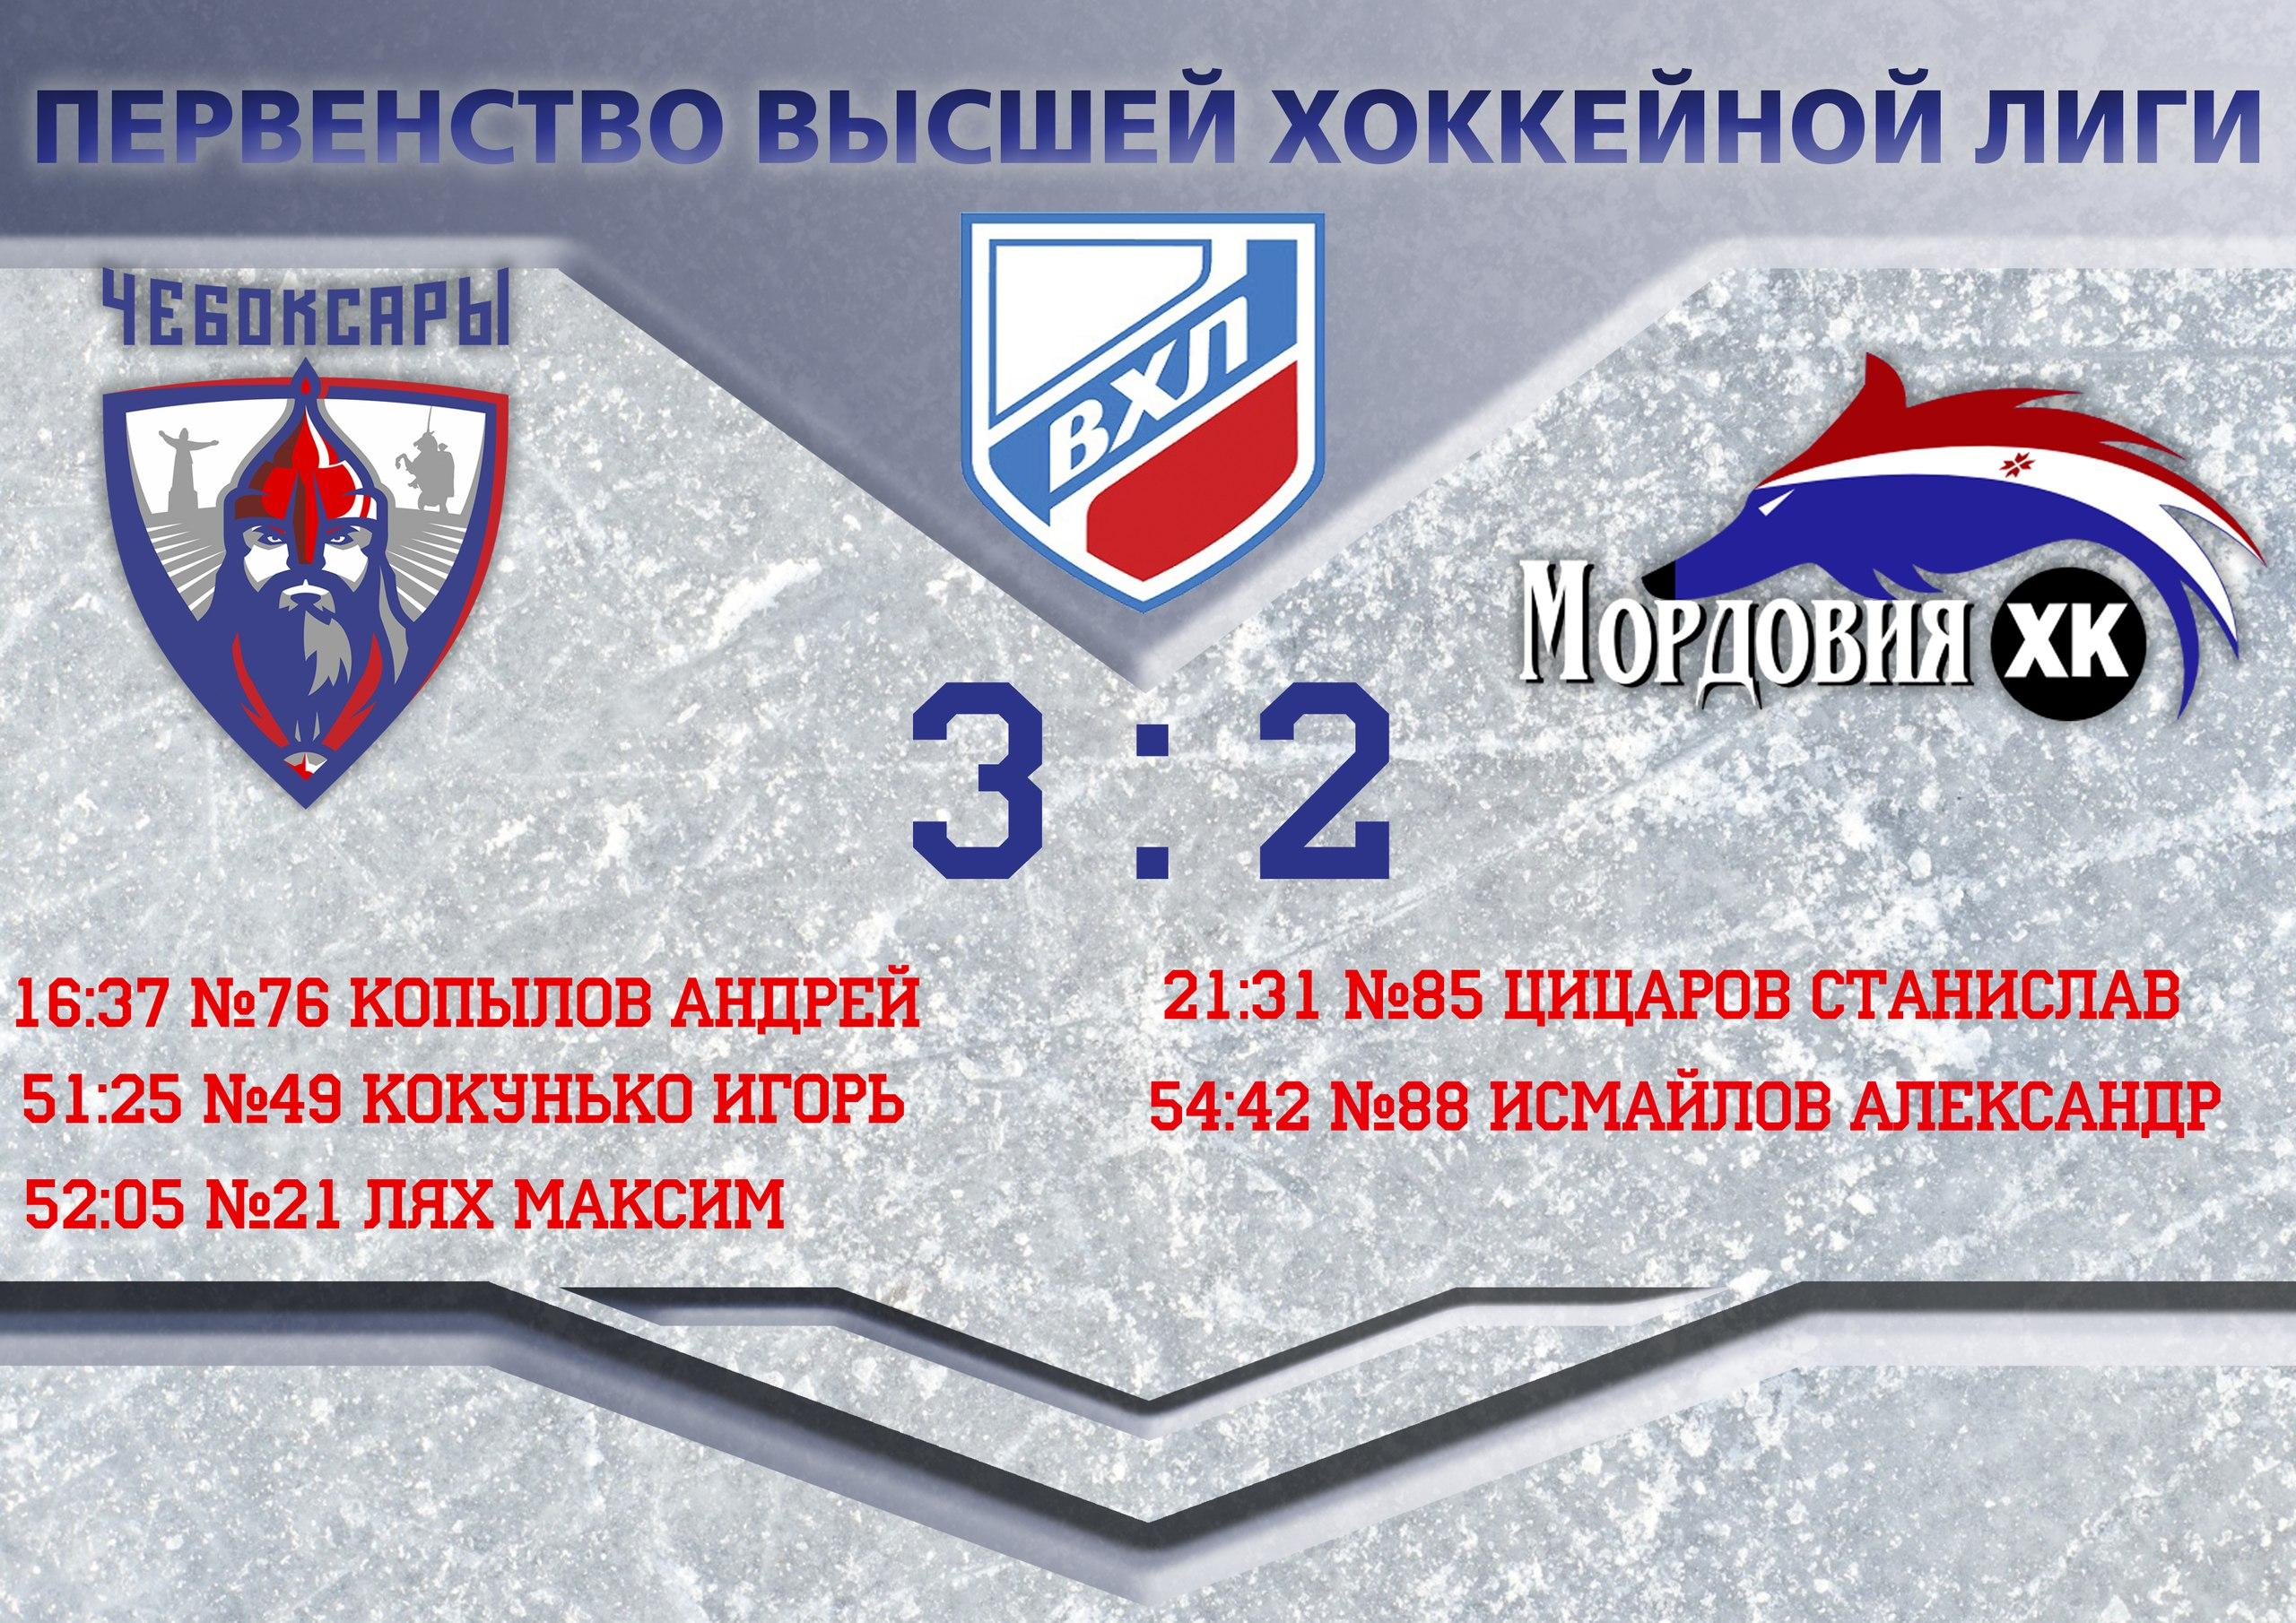 С Победой! ХК Чебоксары vs Мордовия 30 сентября